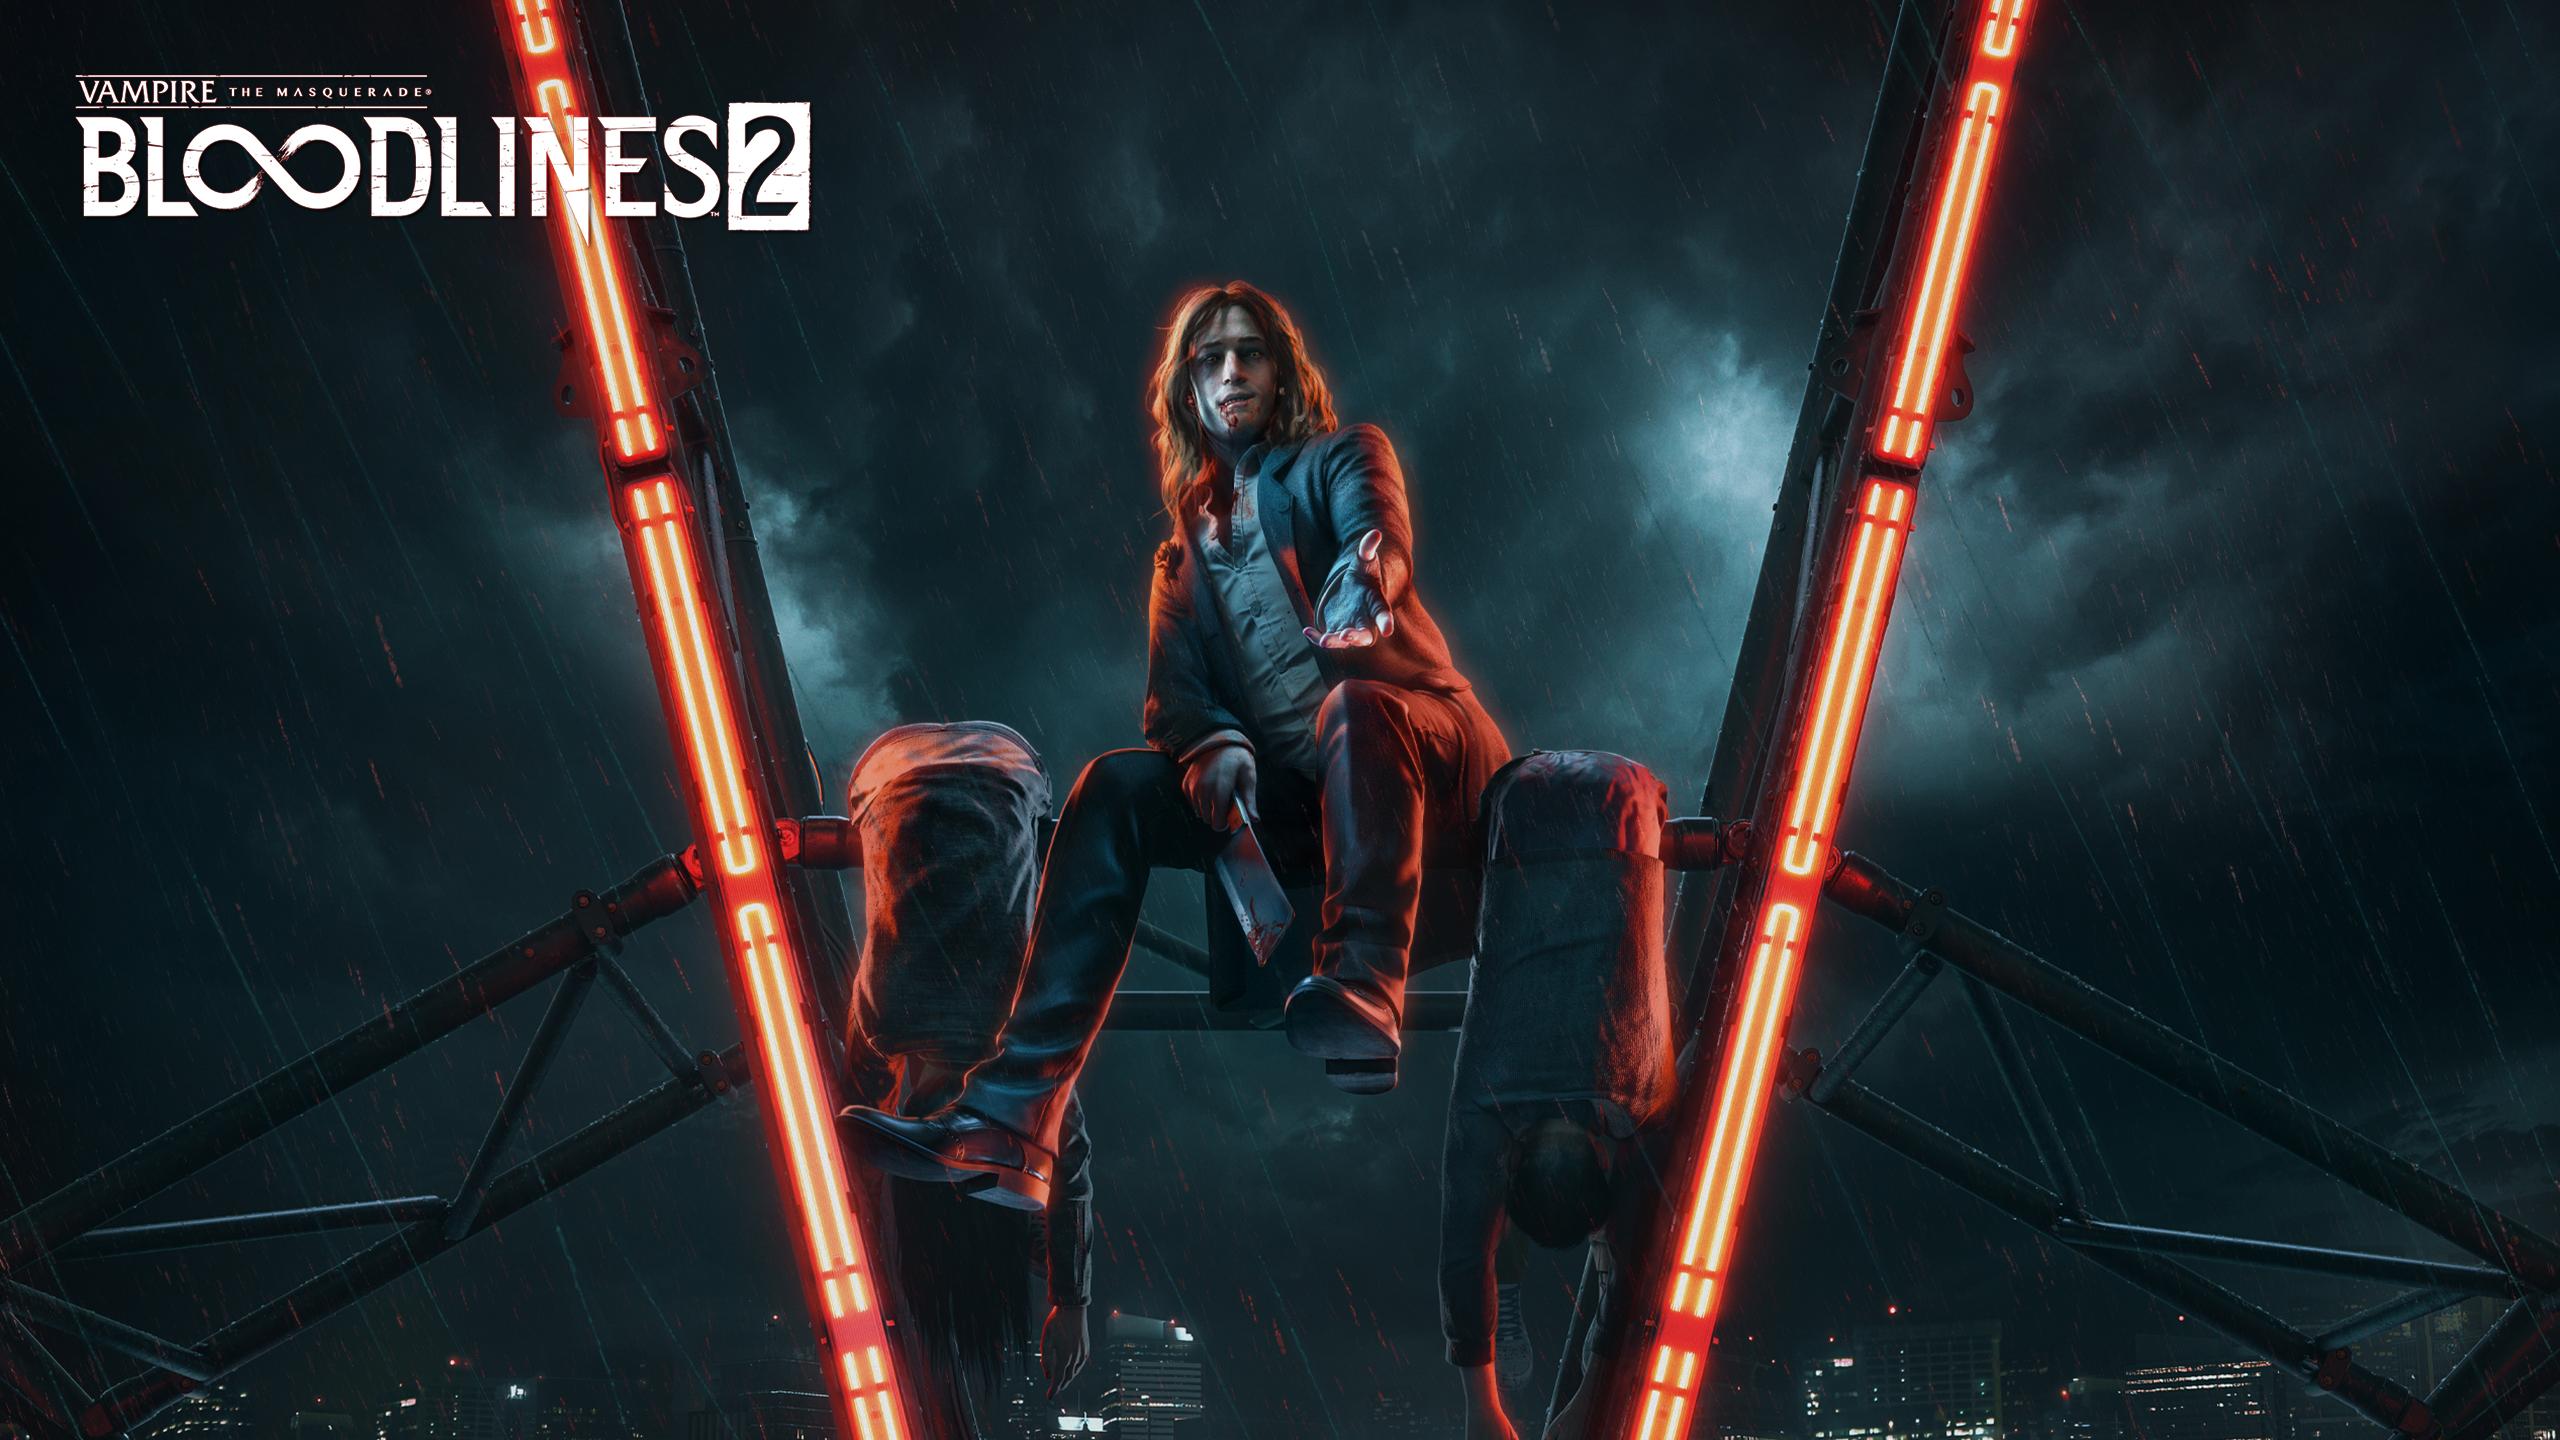 Zasmakuj niełatwych sojuszy w świecie toczonym krwawą wojną domową w grze Vampire: The Masquerade - Bloodlines 2. Gra jest już dostępna wprzedsprzedaży!